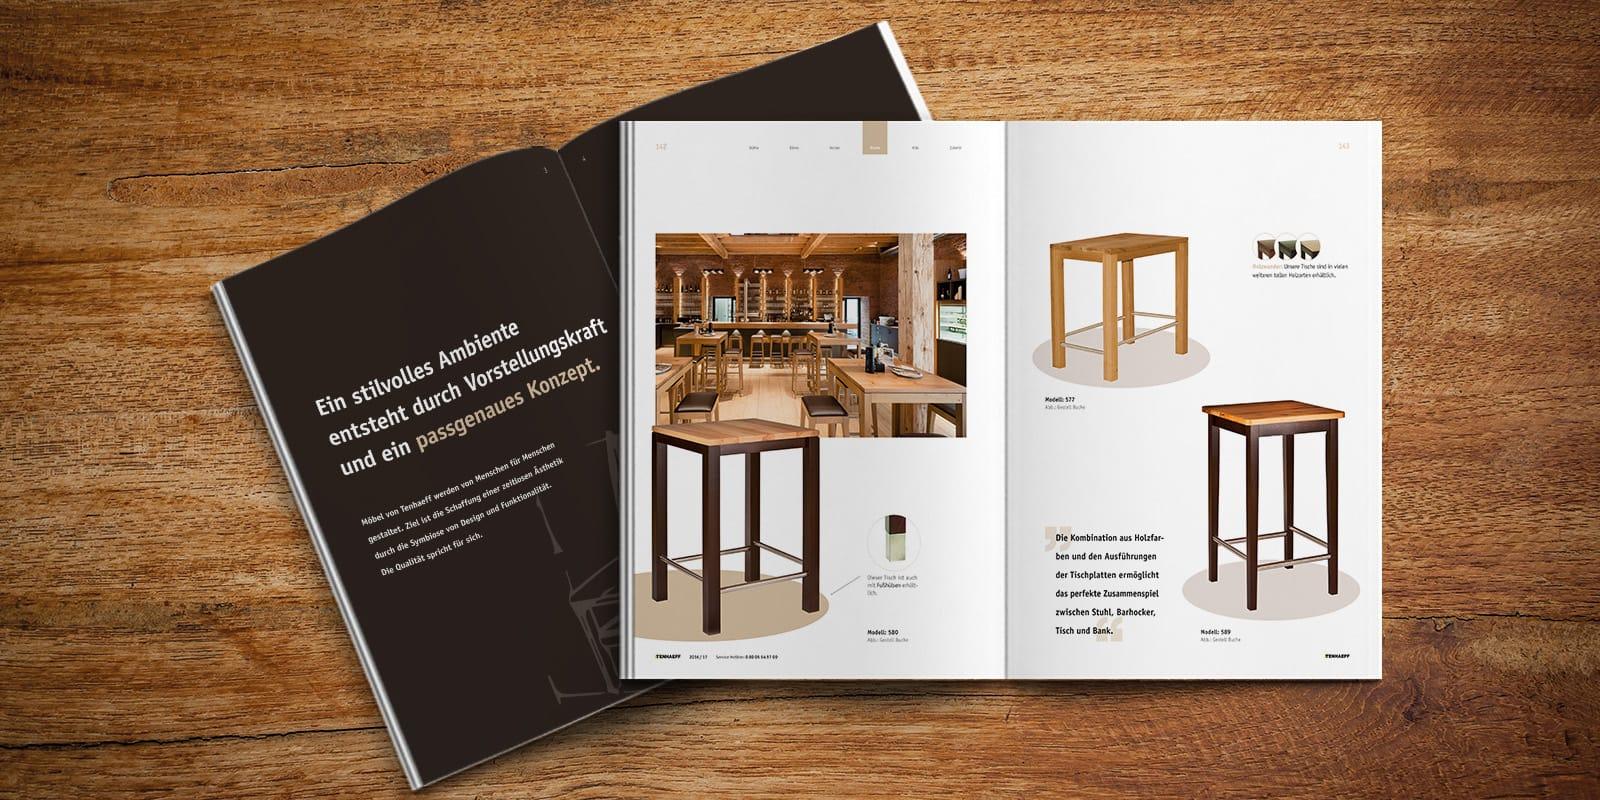 Gastronomie Ausstattung Katalog Möbel Contigo Werbeagentur